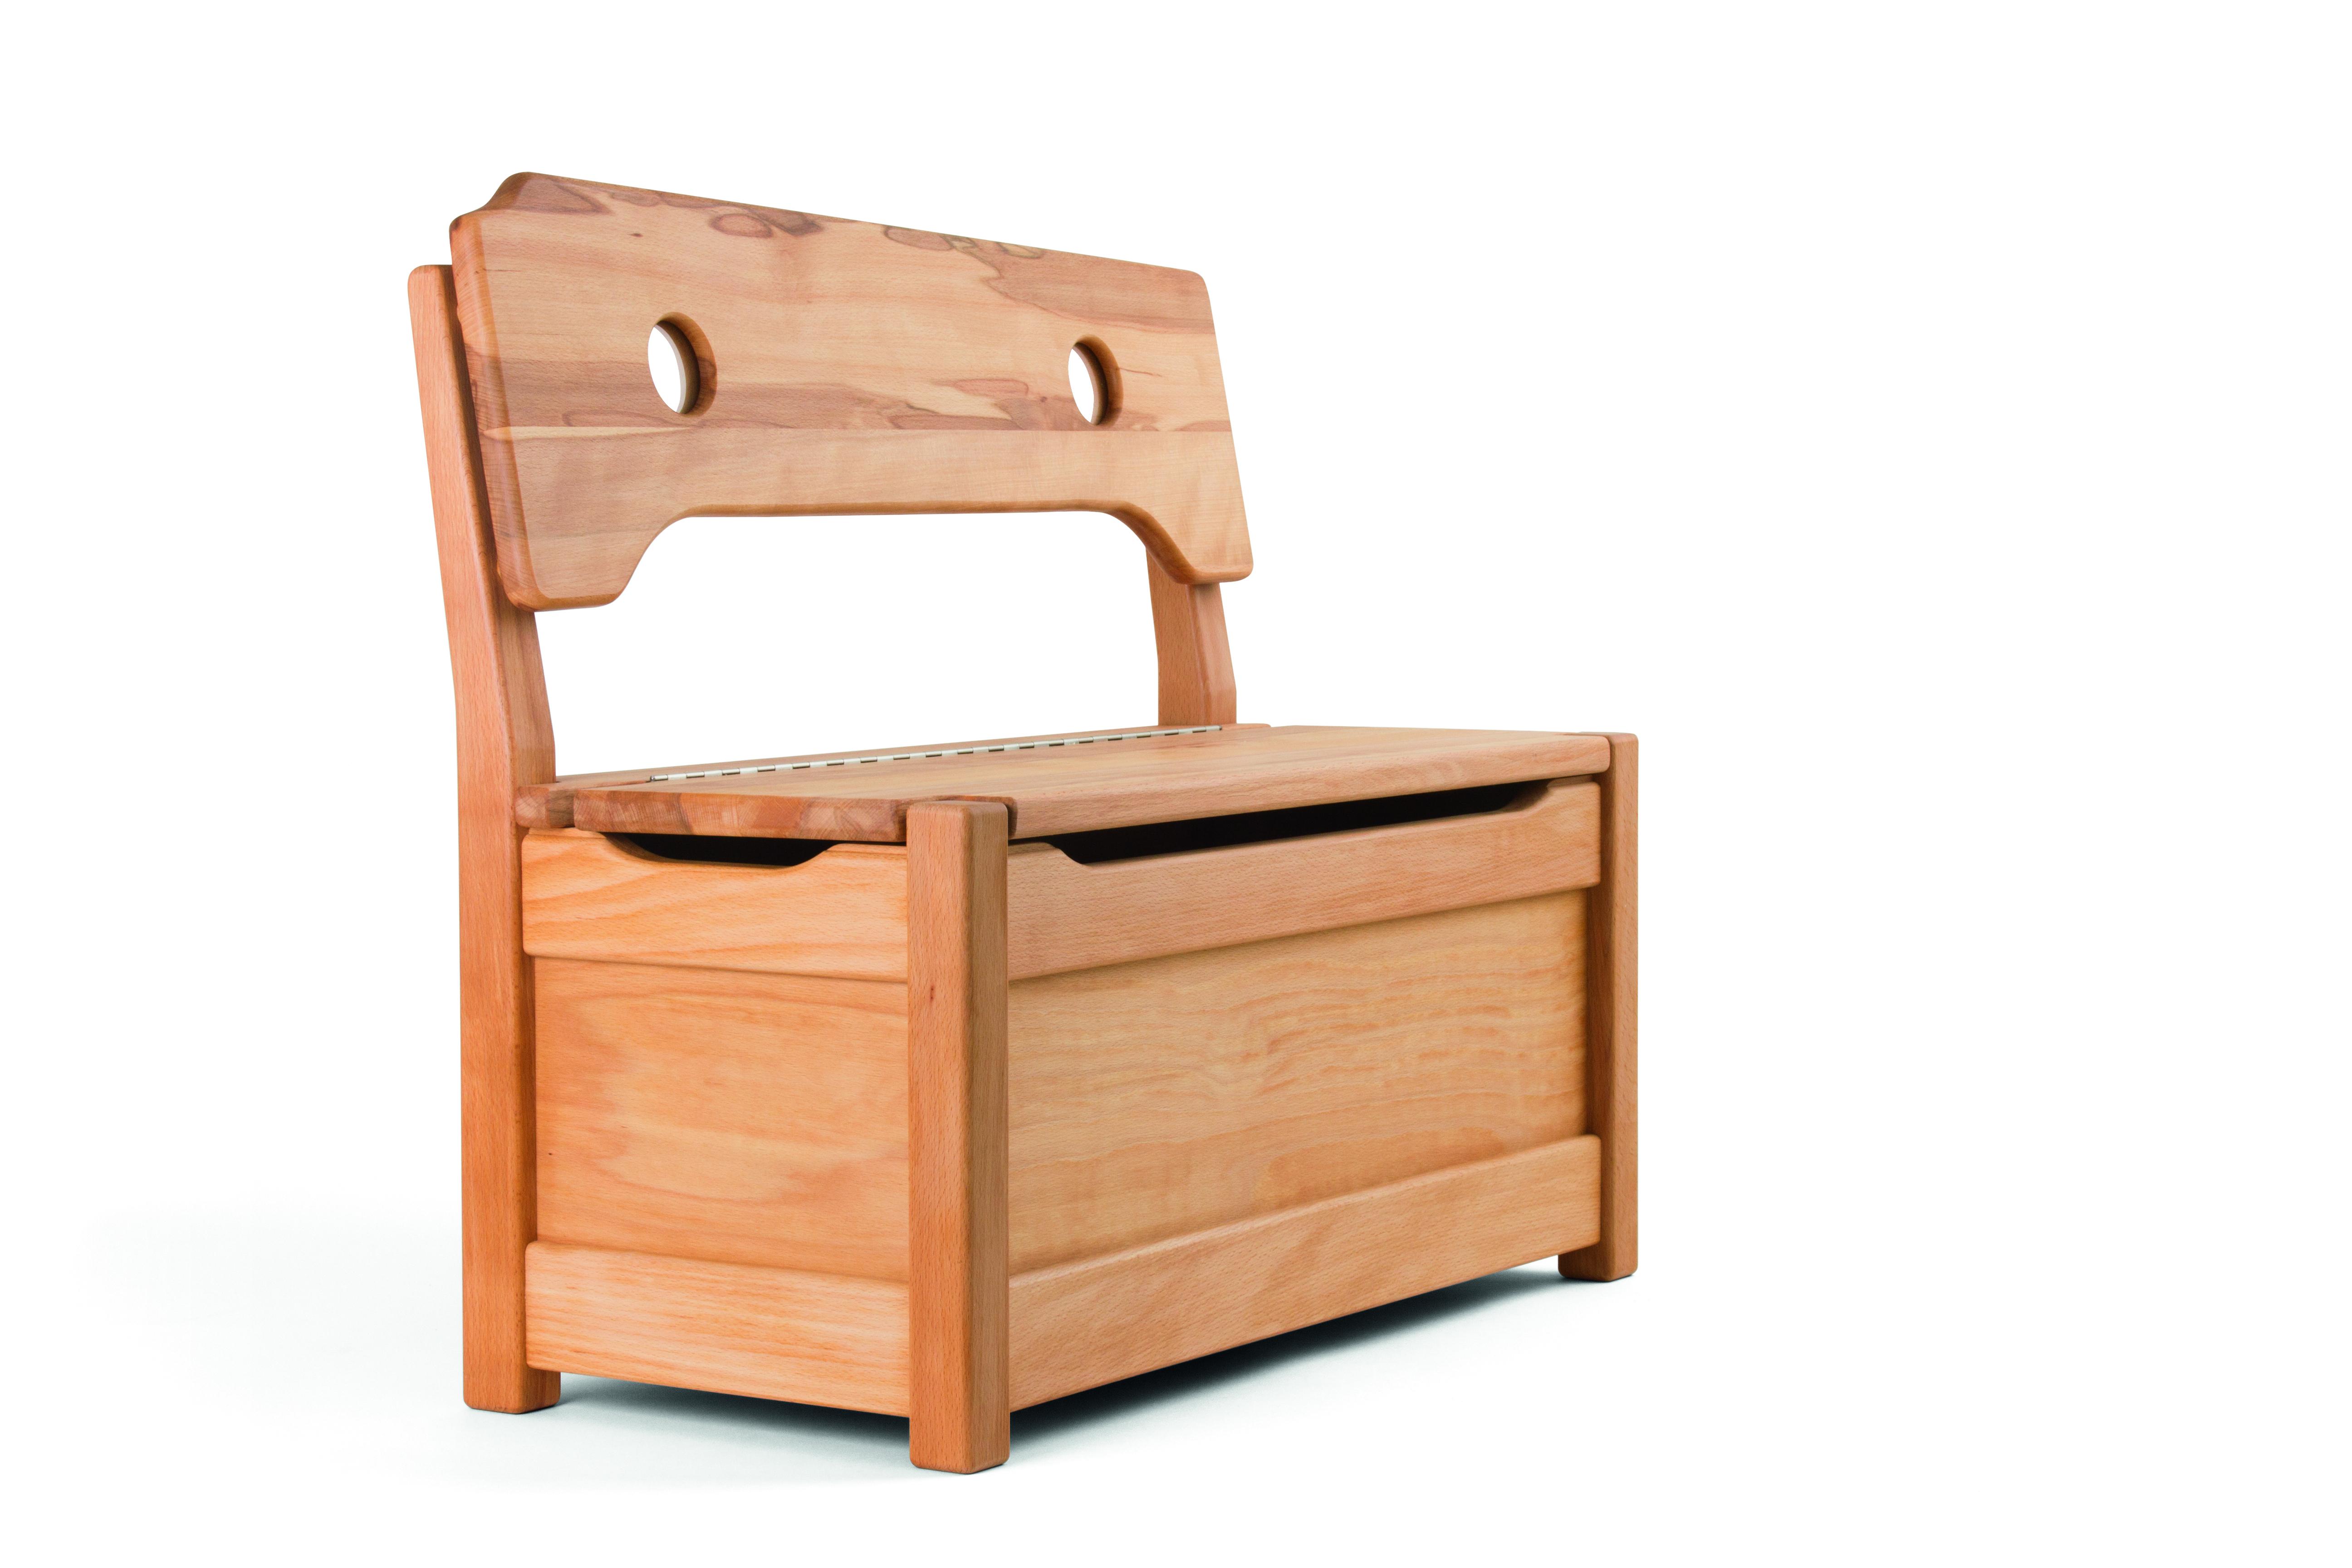 kindersitzbank mit truhe kinderm bel. Black Bedroom Furniture Sets. Home Design Ideas